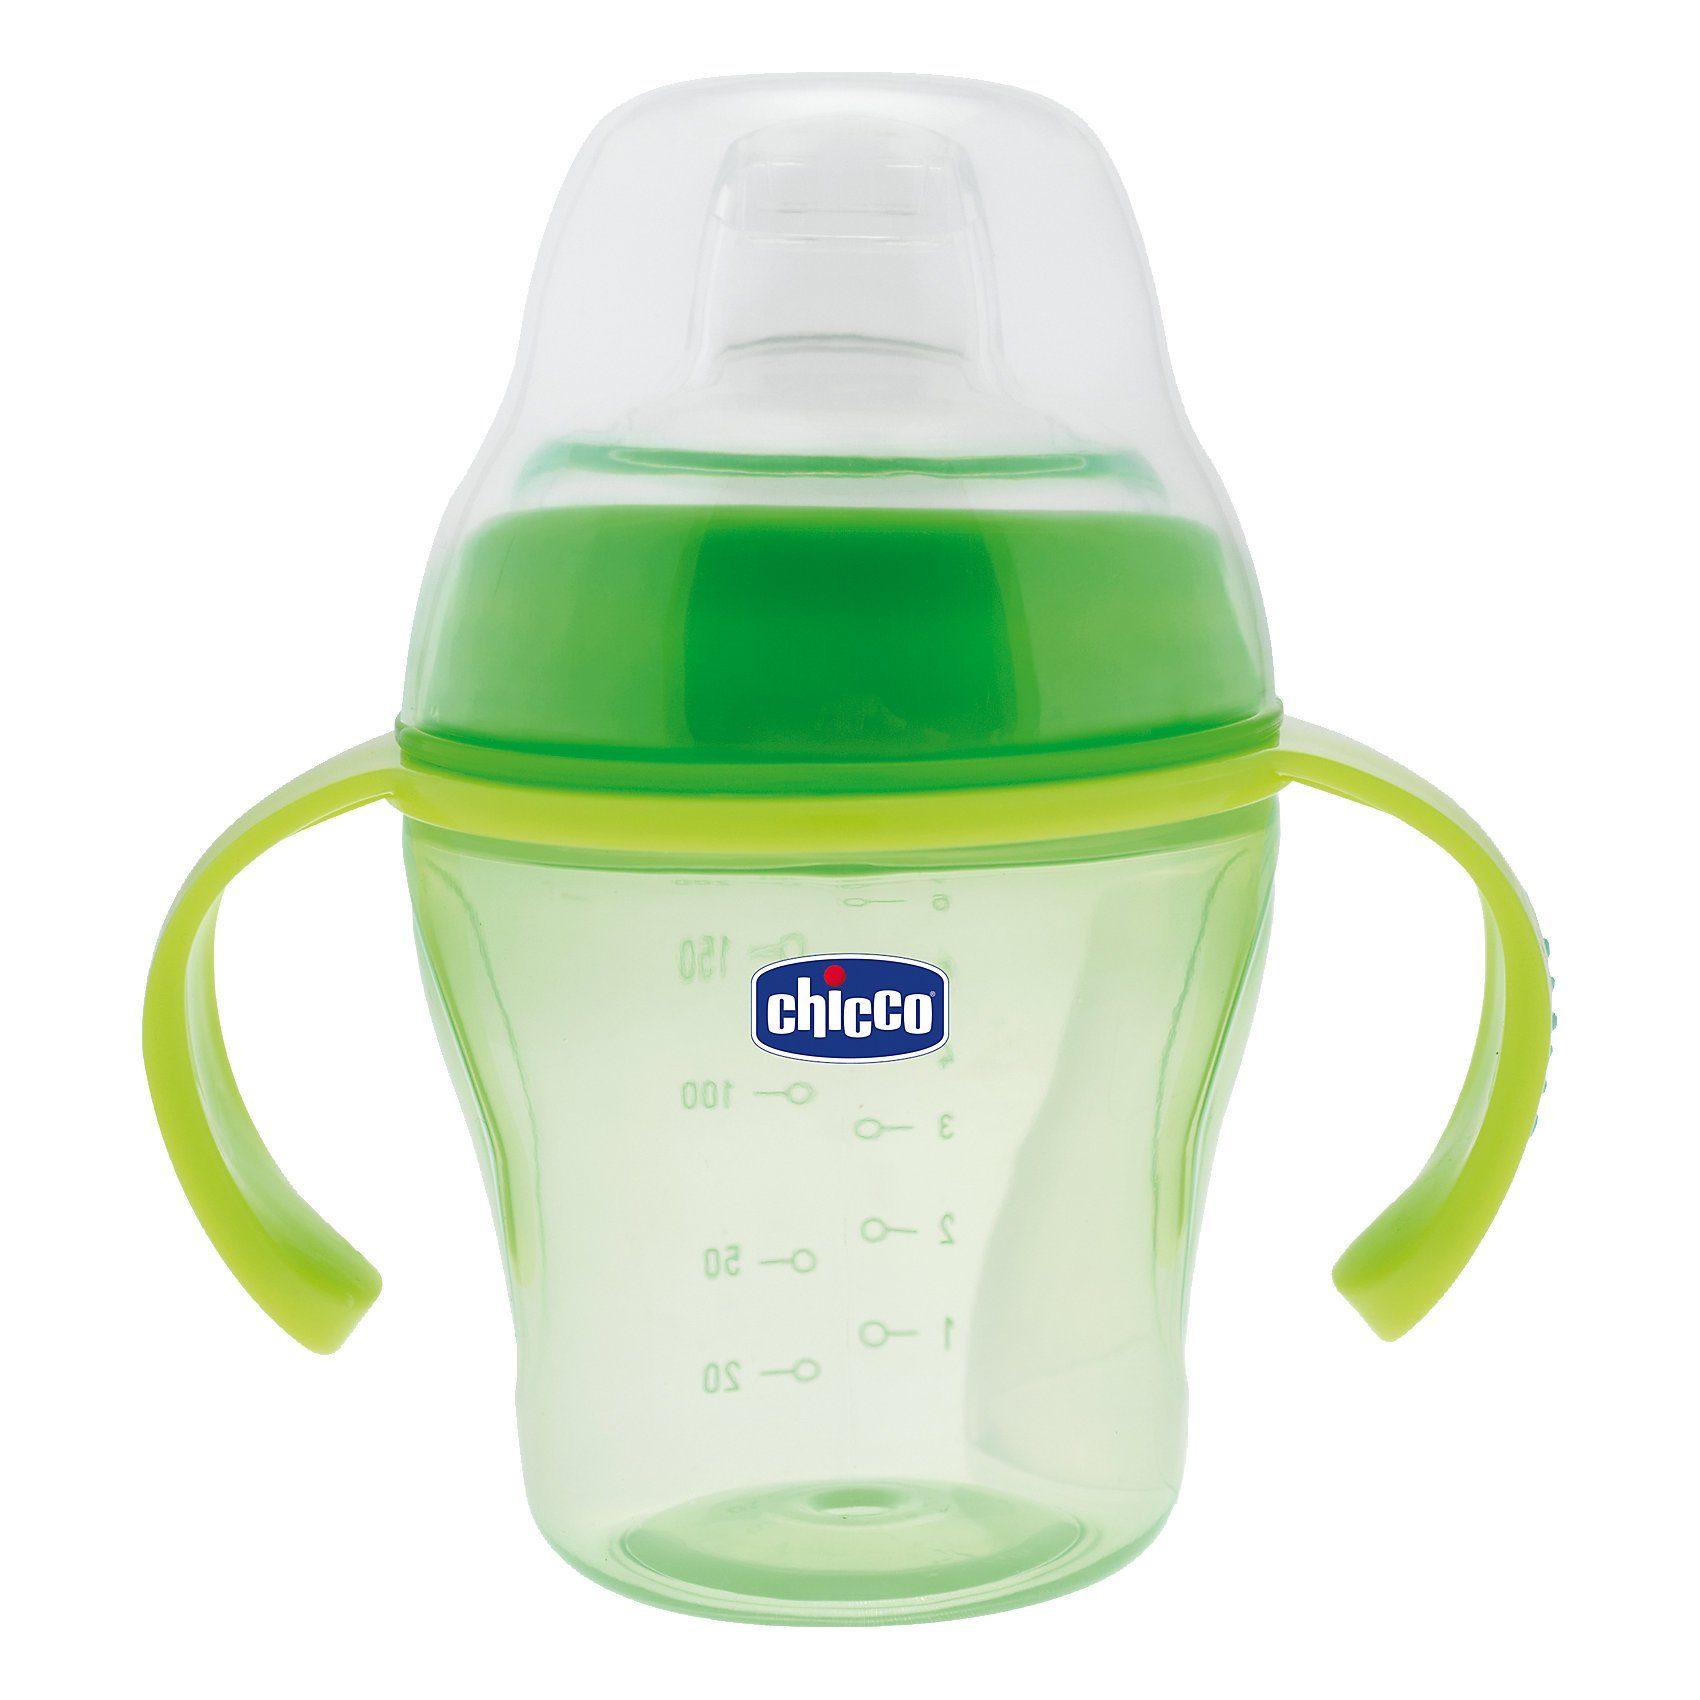 Chicco Trinklernflasche, 200 ml, grün